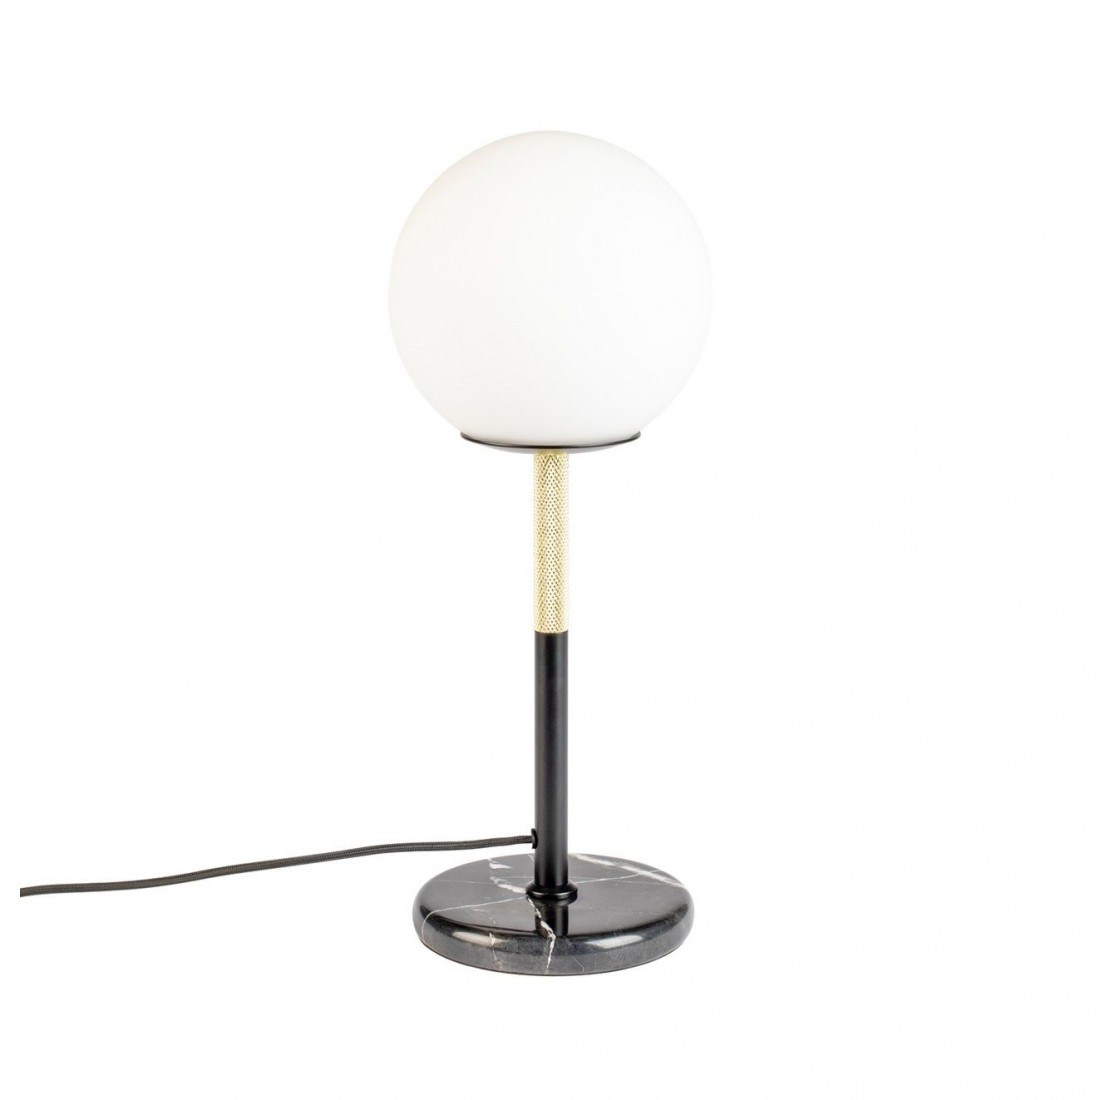 Lampe De Bureau Orion - Zuiver